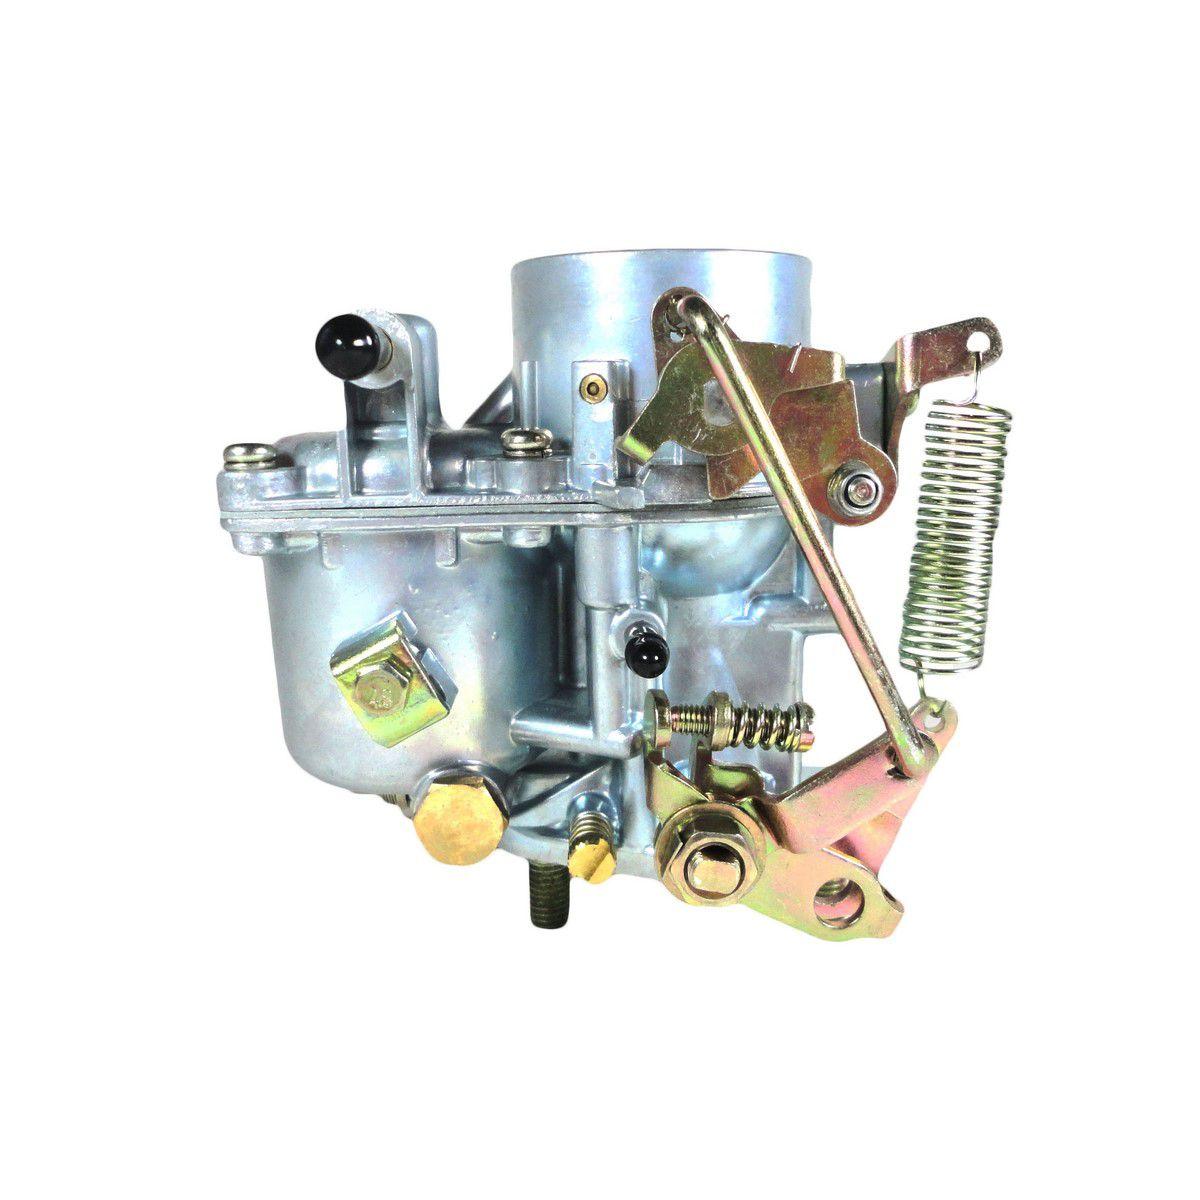 Carburador Modelo Solex 30PIC  Fusca Brasilia Kombi 1500 1600 1969 até 1986